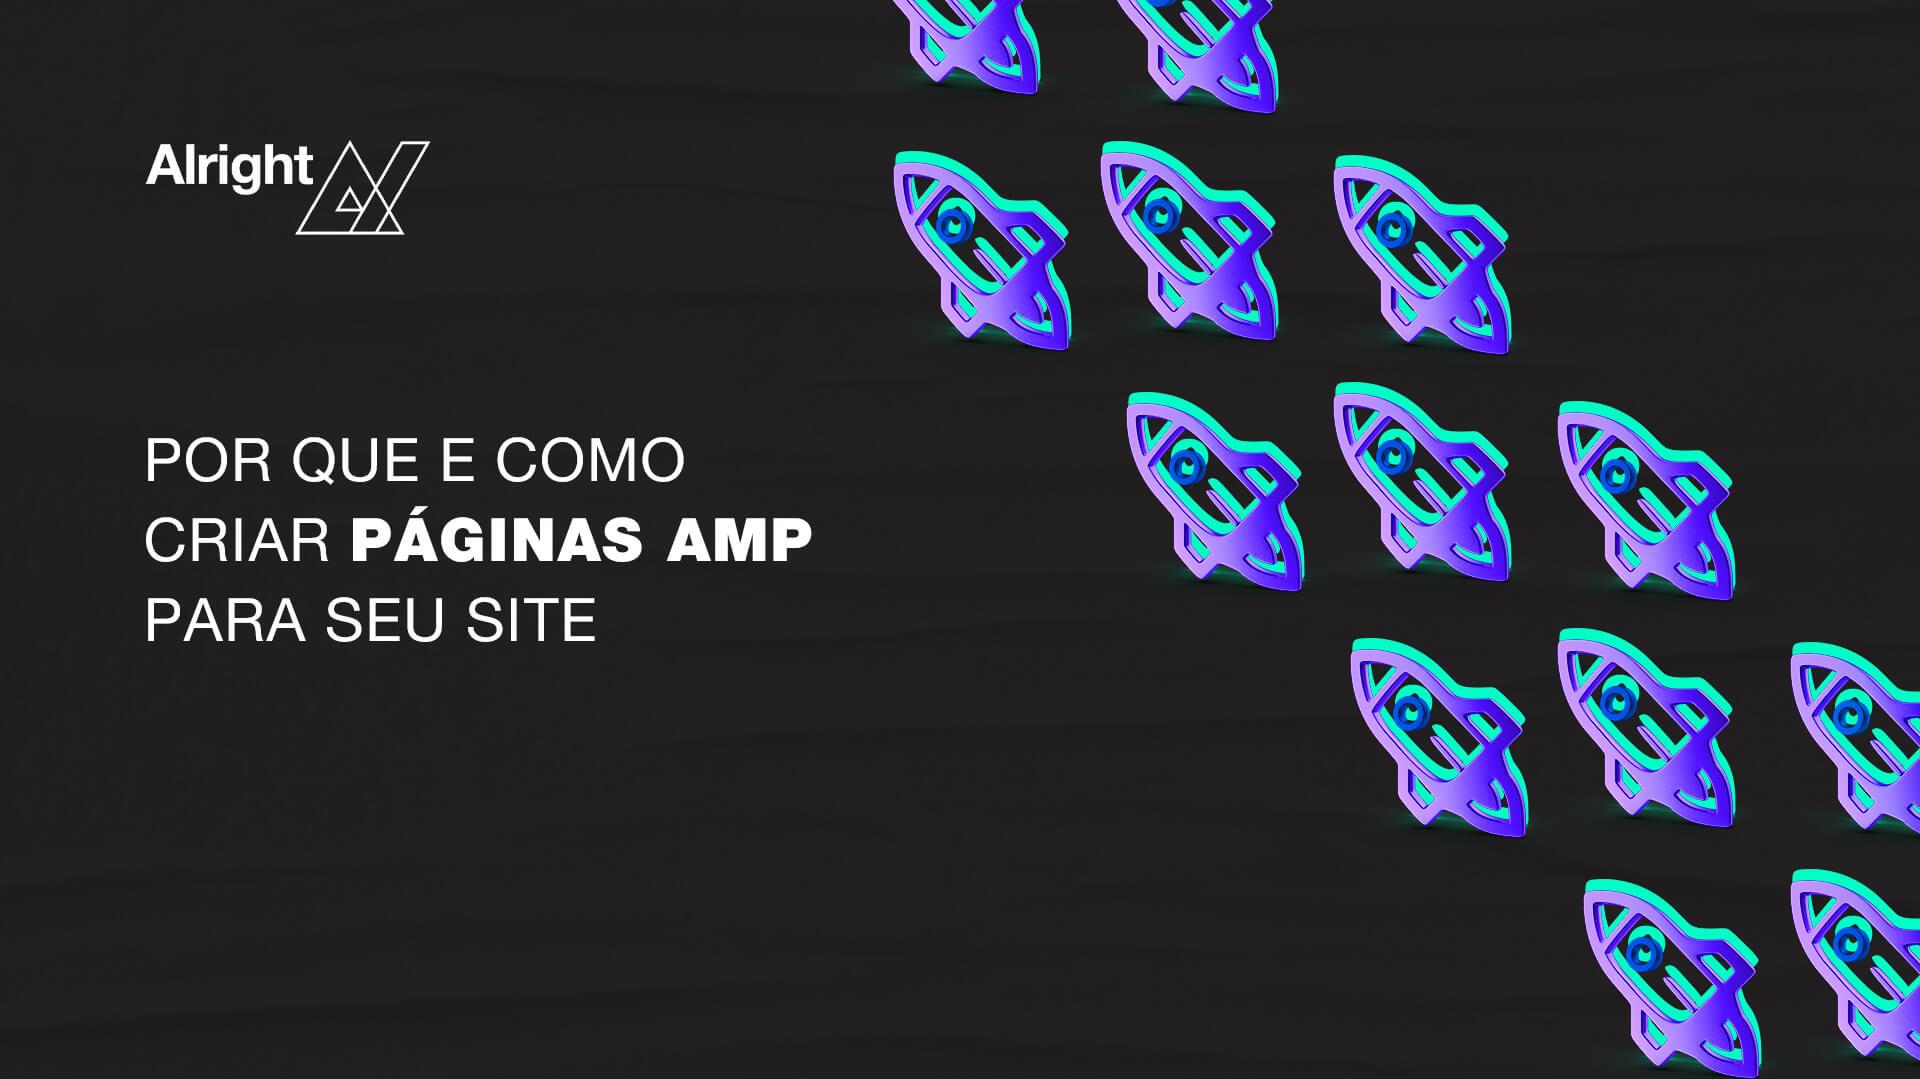 Por que e como criar páginas AMP para o seu site